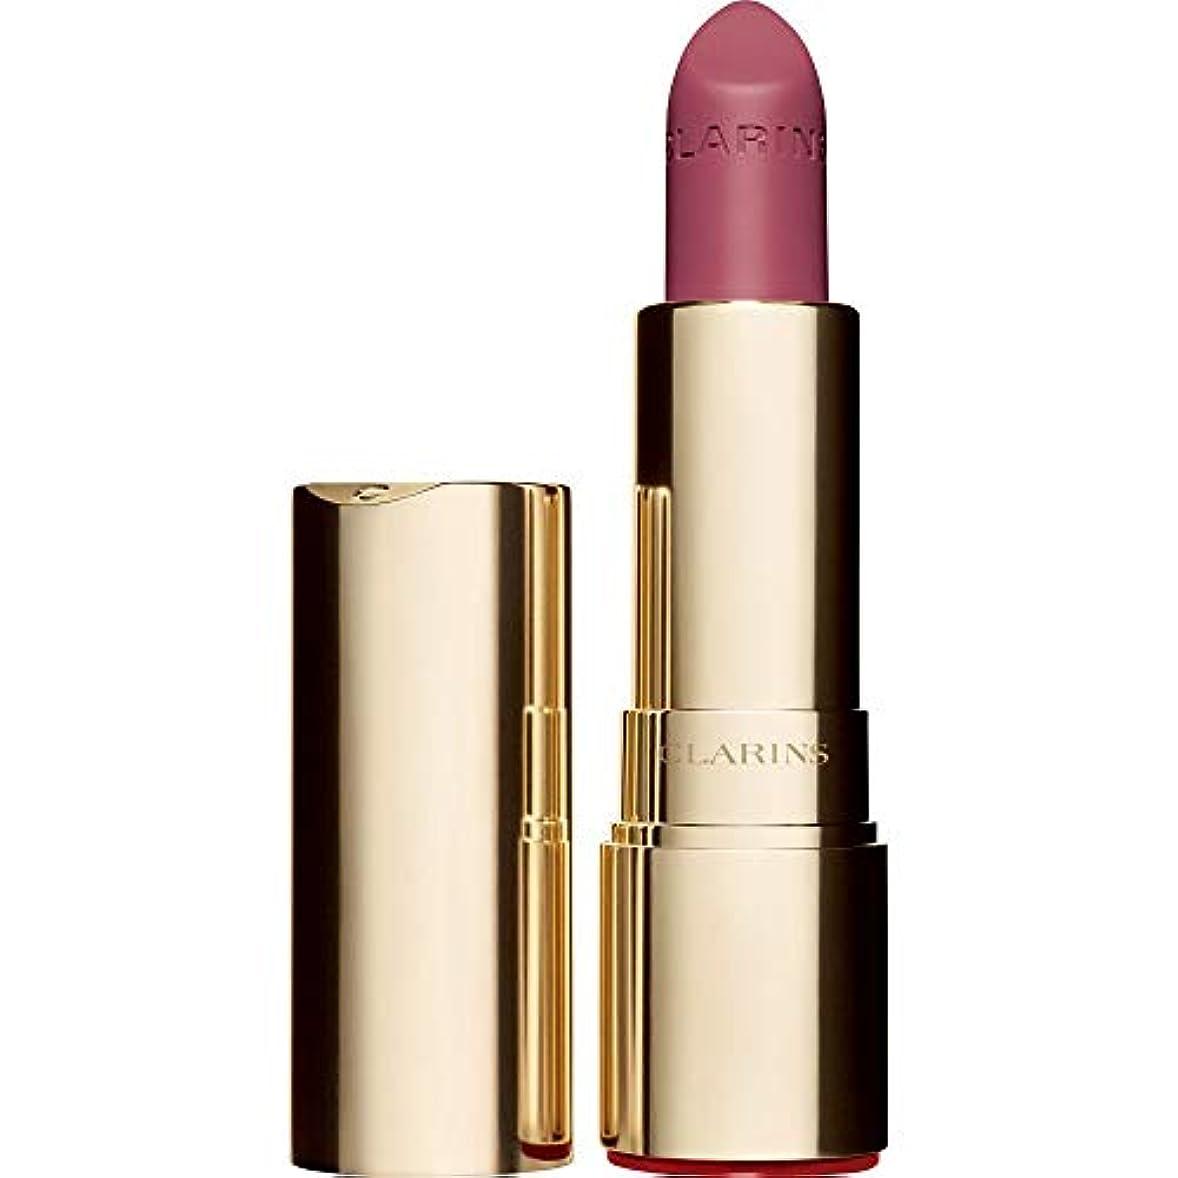 鍔パネル言い直す[Clarins ] クラランスジョリルージュのベルベットの口紅3.5グラムの755V - レイシ - Clarins Joli Rouge Velvet Lipstick 3.5g 755V - Litchi [並行輸入品]